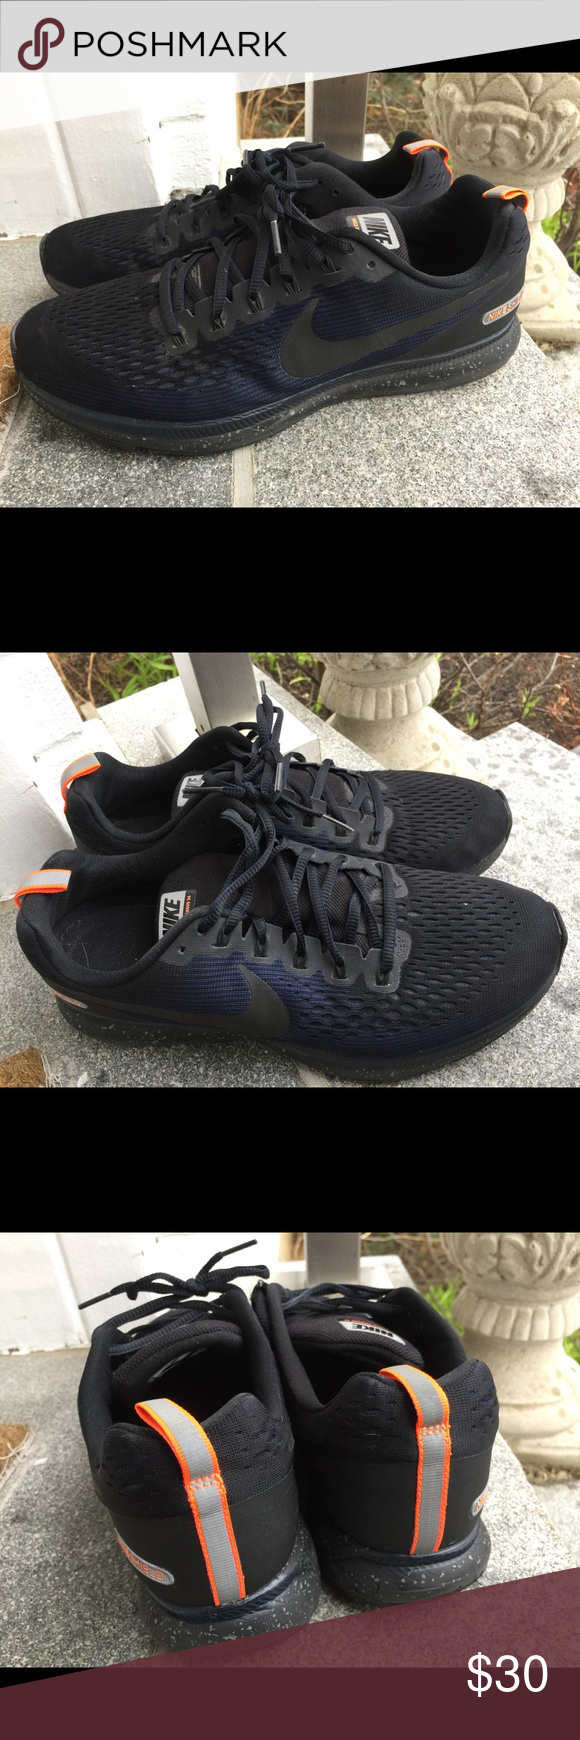 Evento Pertenece Separar  Nike Air Zoom Shield Pegasus 34 Obsidian Shoes 12 | Nike air zoom, Black  nikes, Shoes